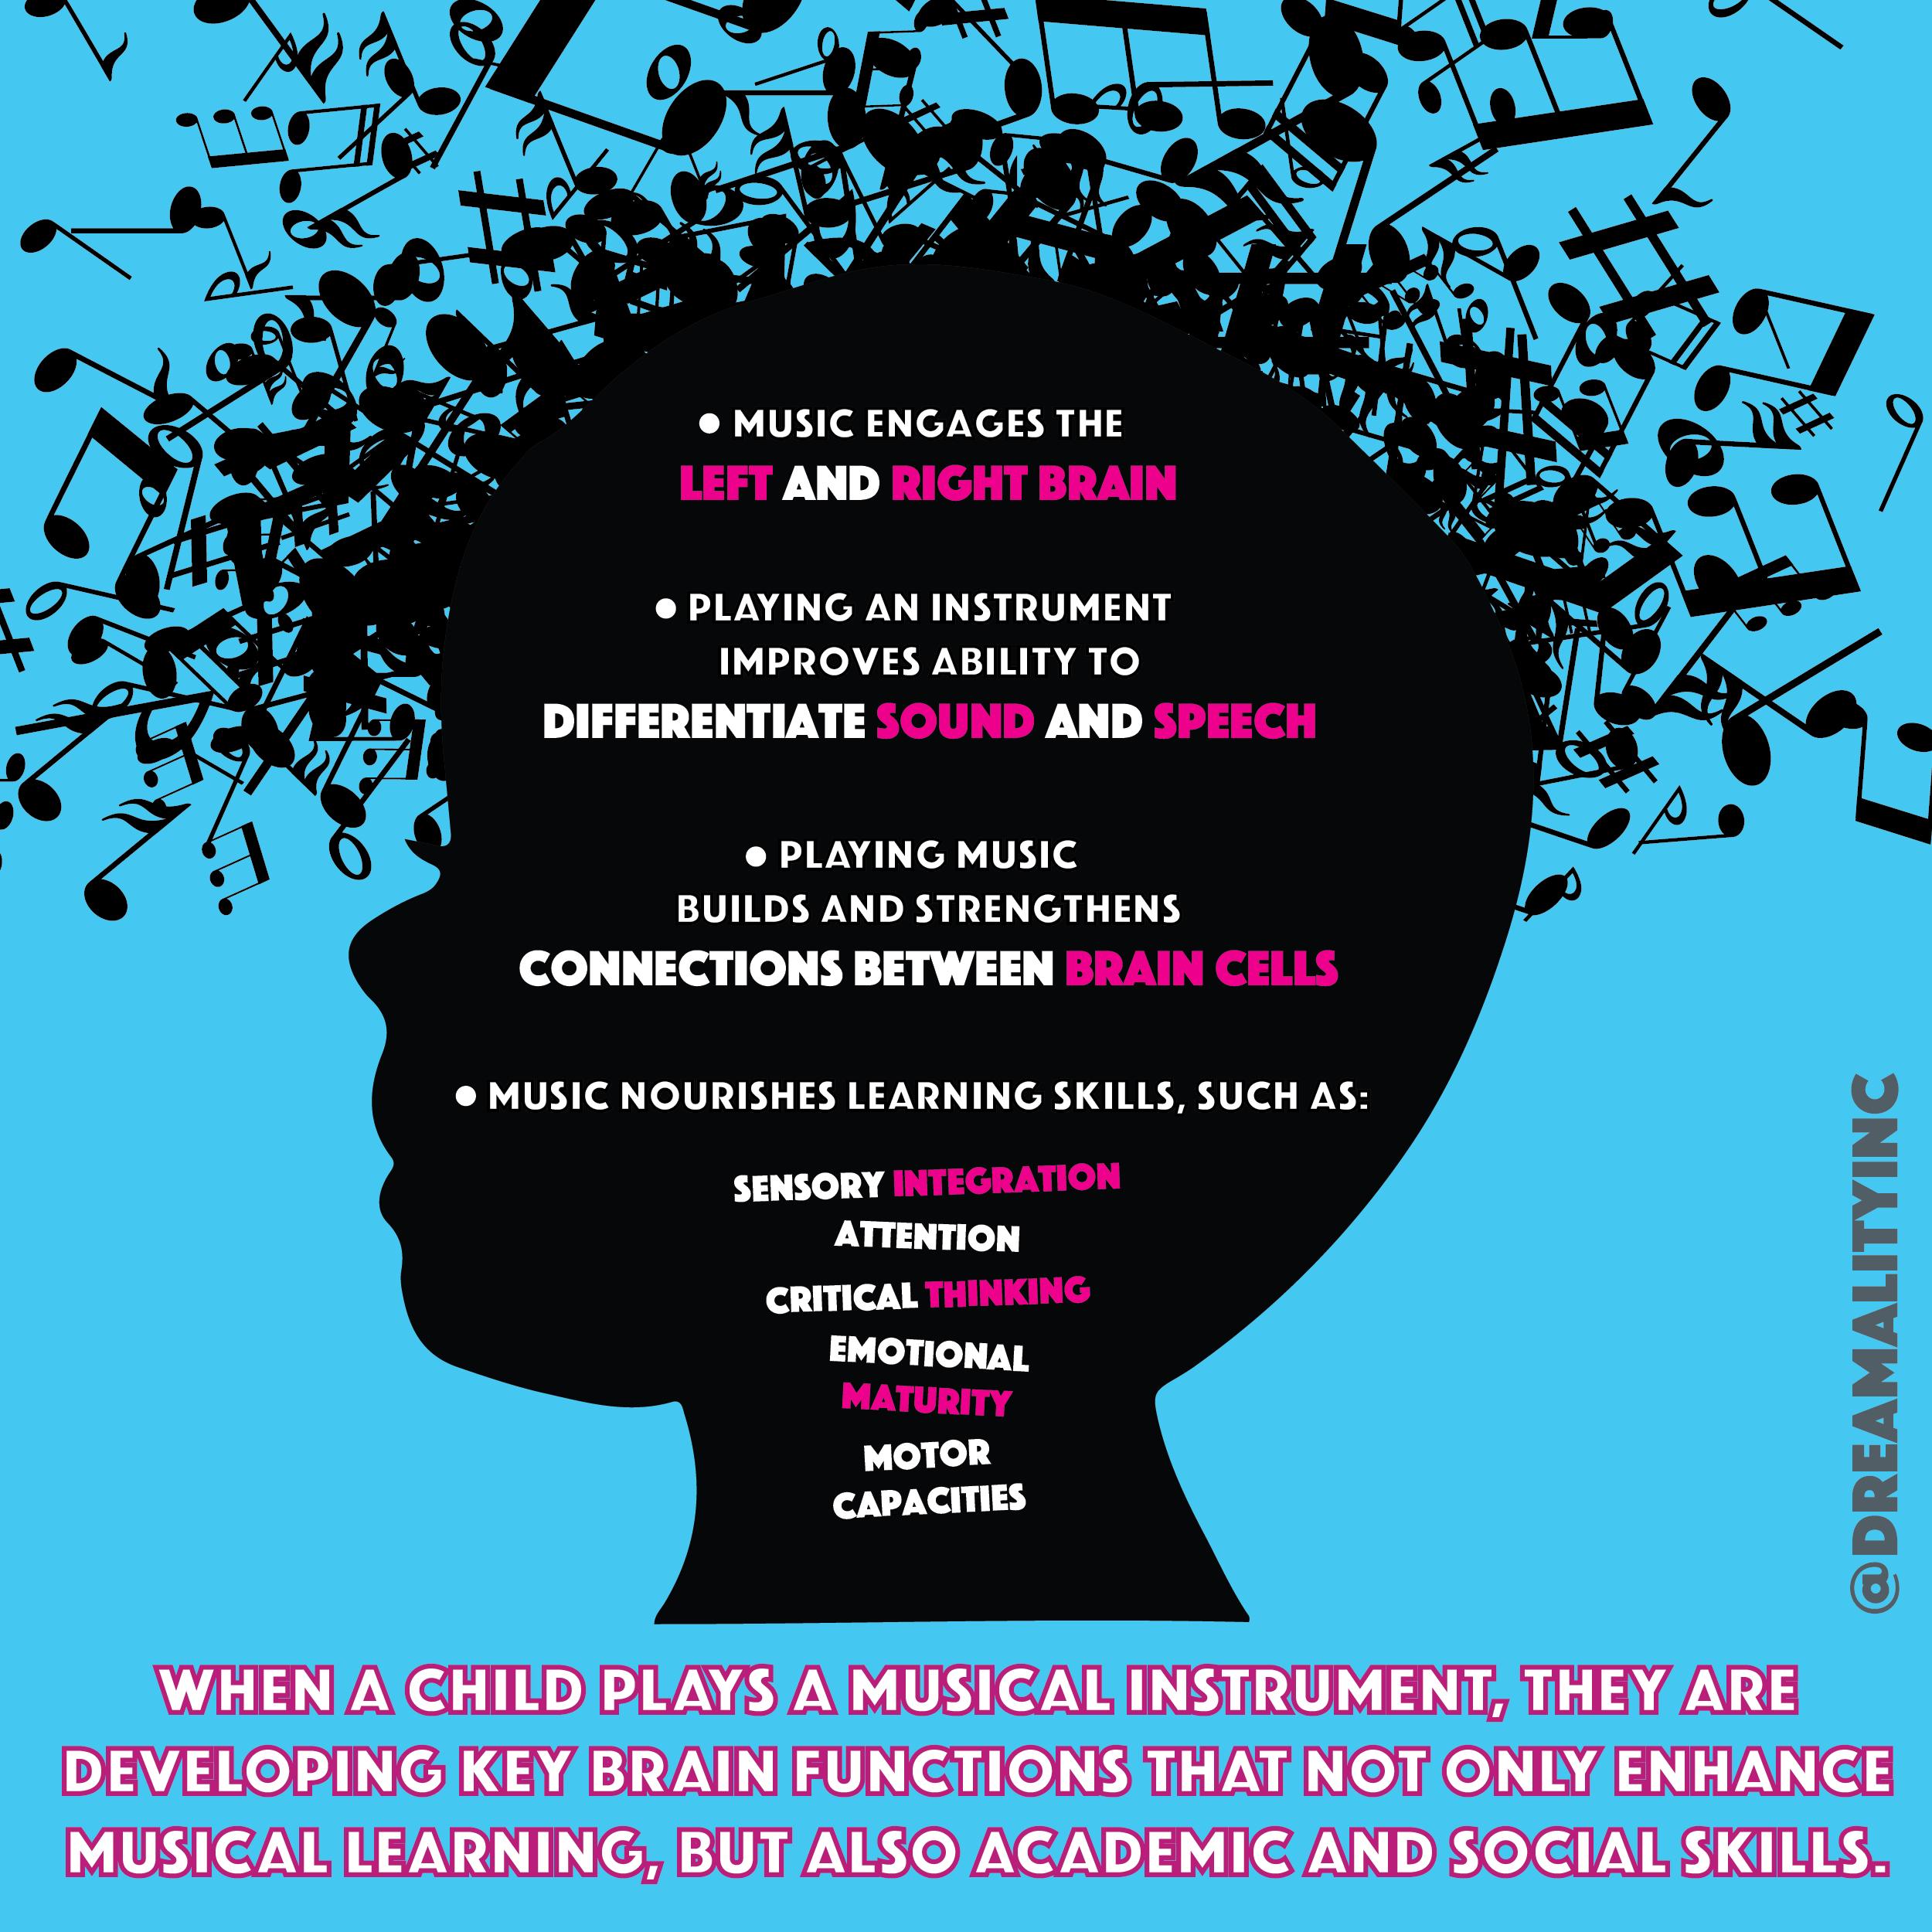 brainmusicgraphic-01 copy.png